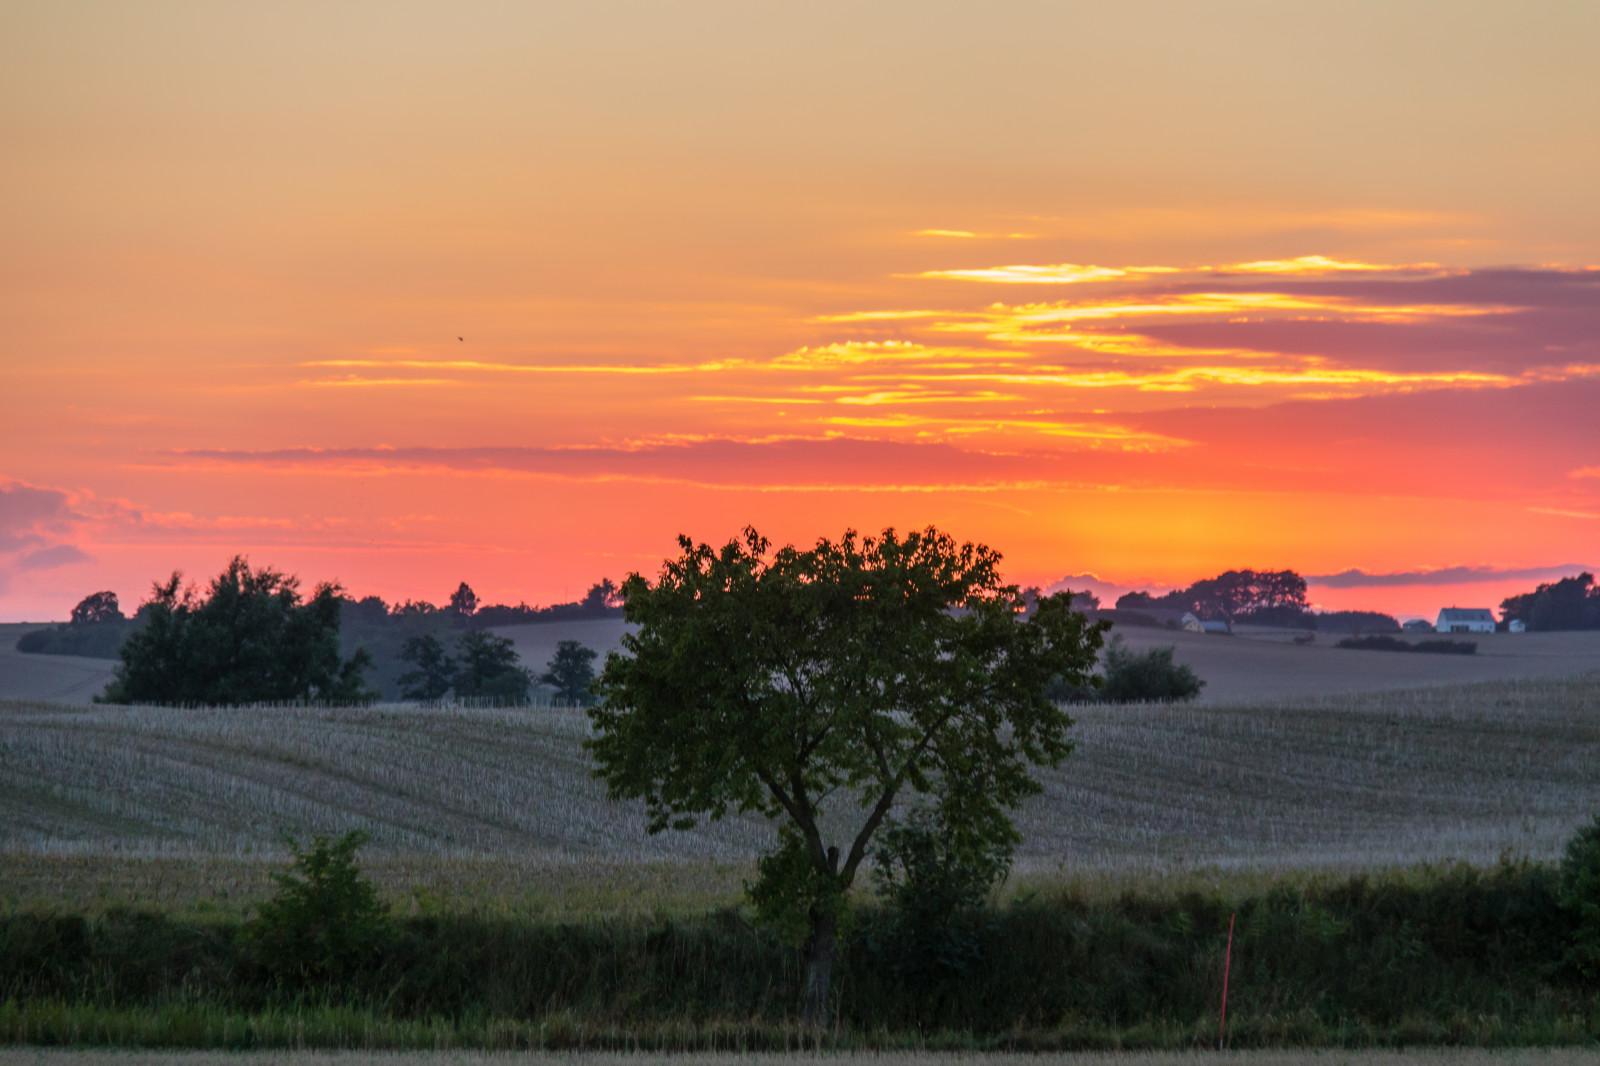 Sfondi  paesaggio tramonto collina campo Alba sera